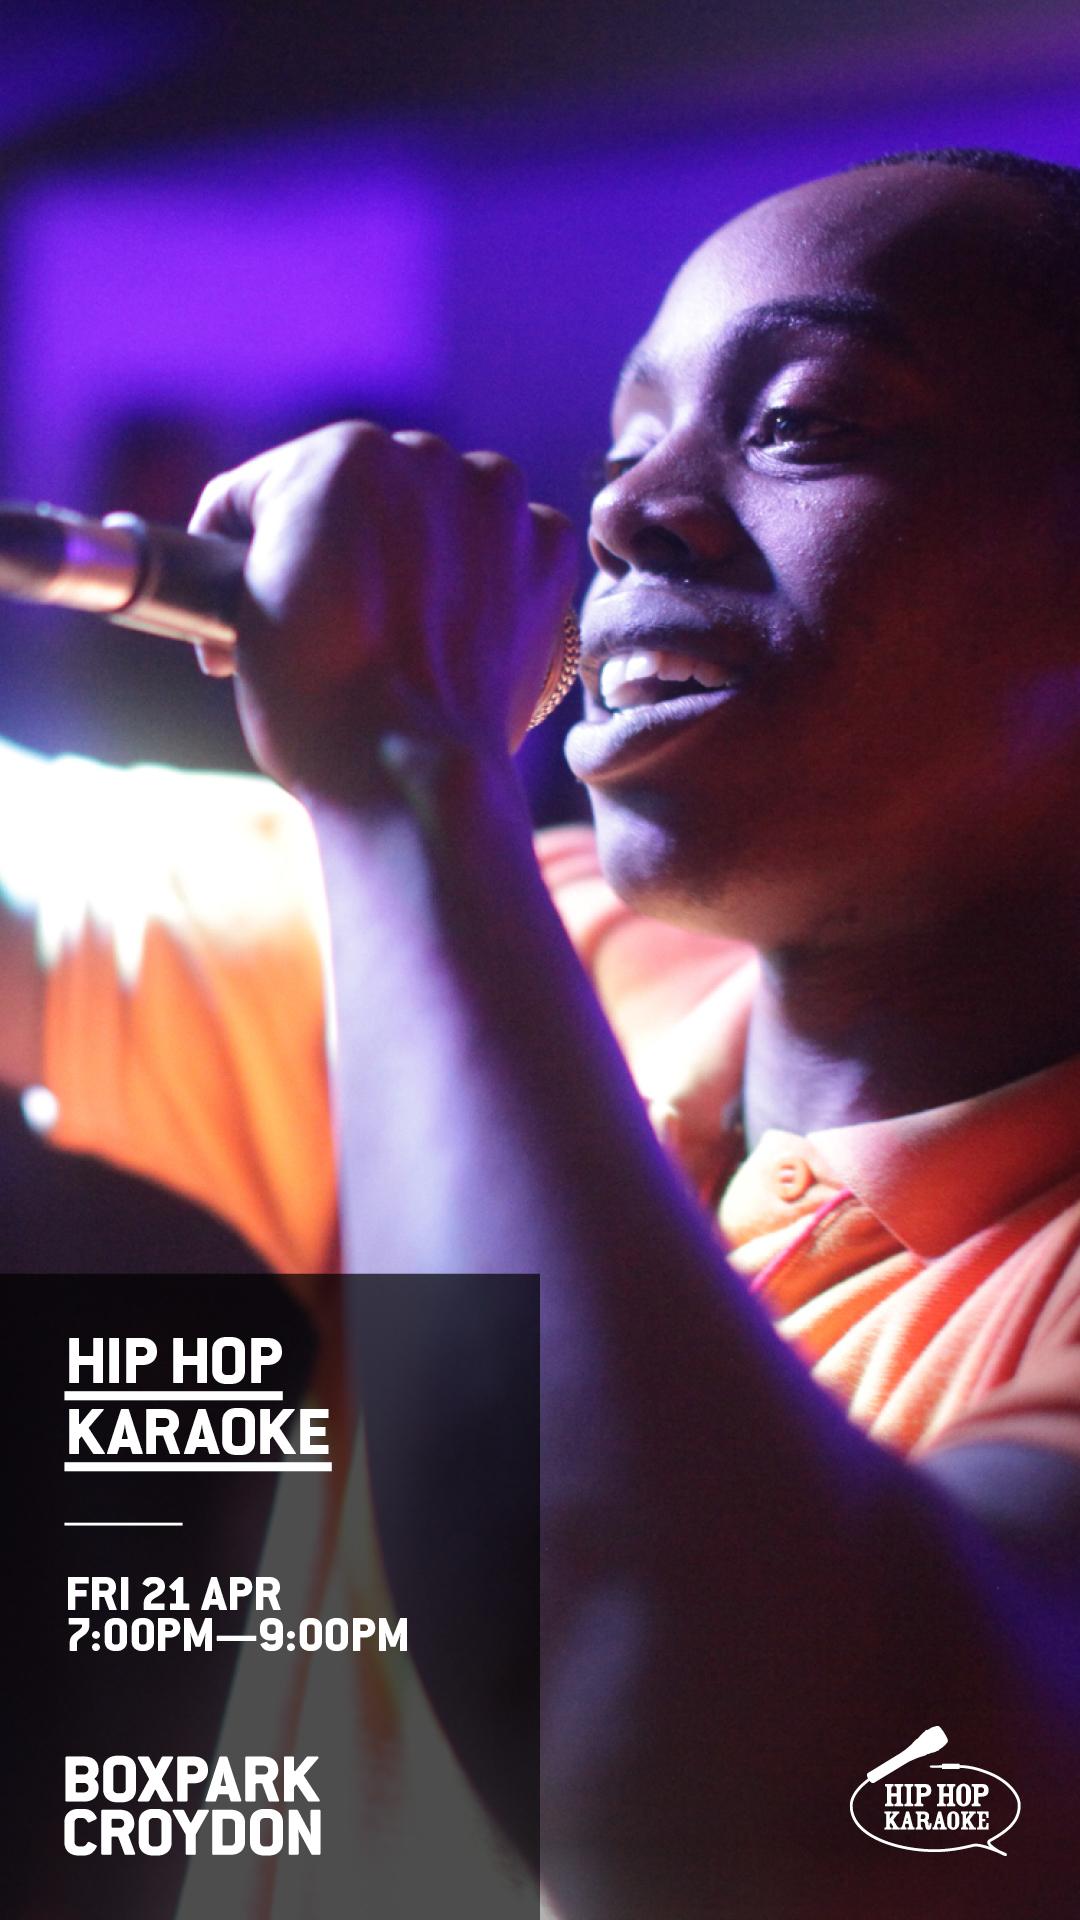 Online_Croydon_Social_Panels_17_04_21_Hip_Hop_Karaoke7